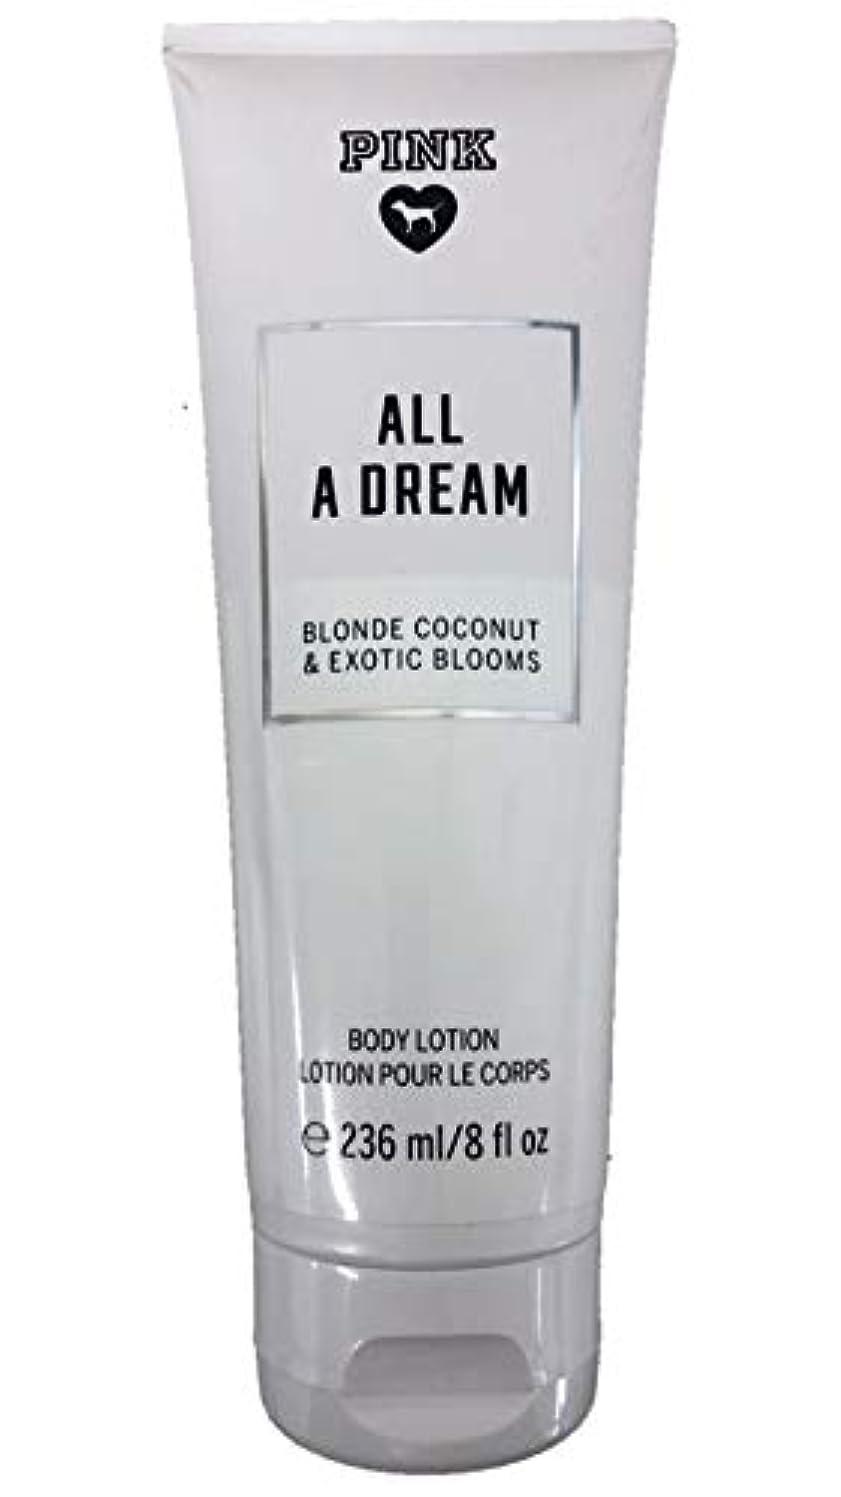 改修する突破口十分Victoria seacret/ボディクリーム/All a dream/ヴィクトリアシークレット/ビクトリアシークレット/All a dreme blonde coconut Lotion & Exdtic Blooms